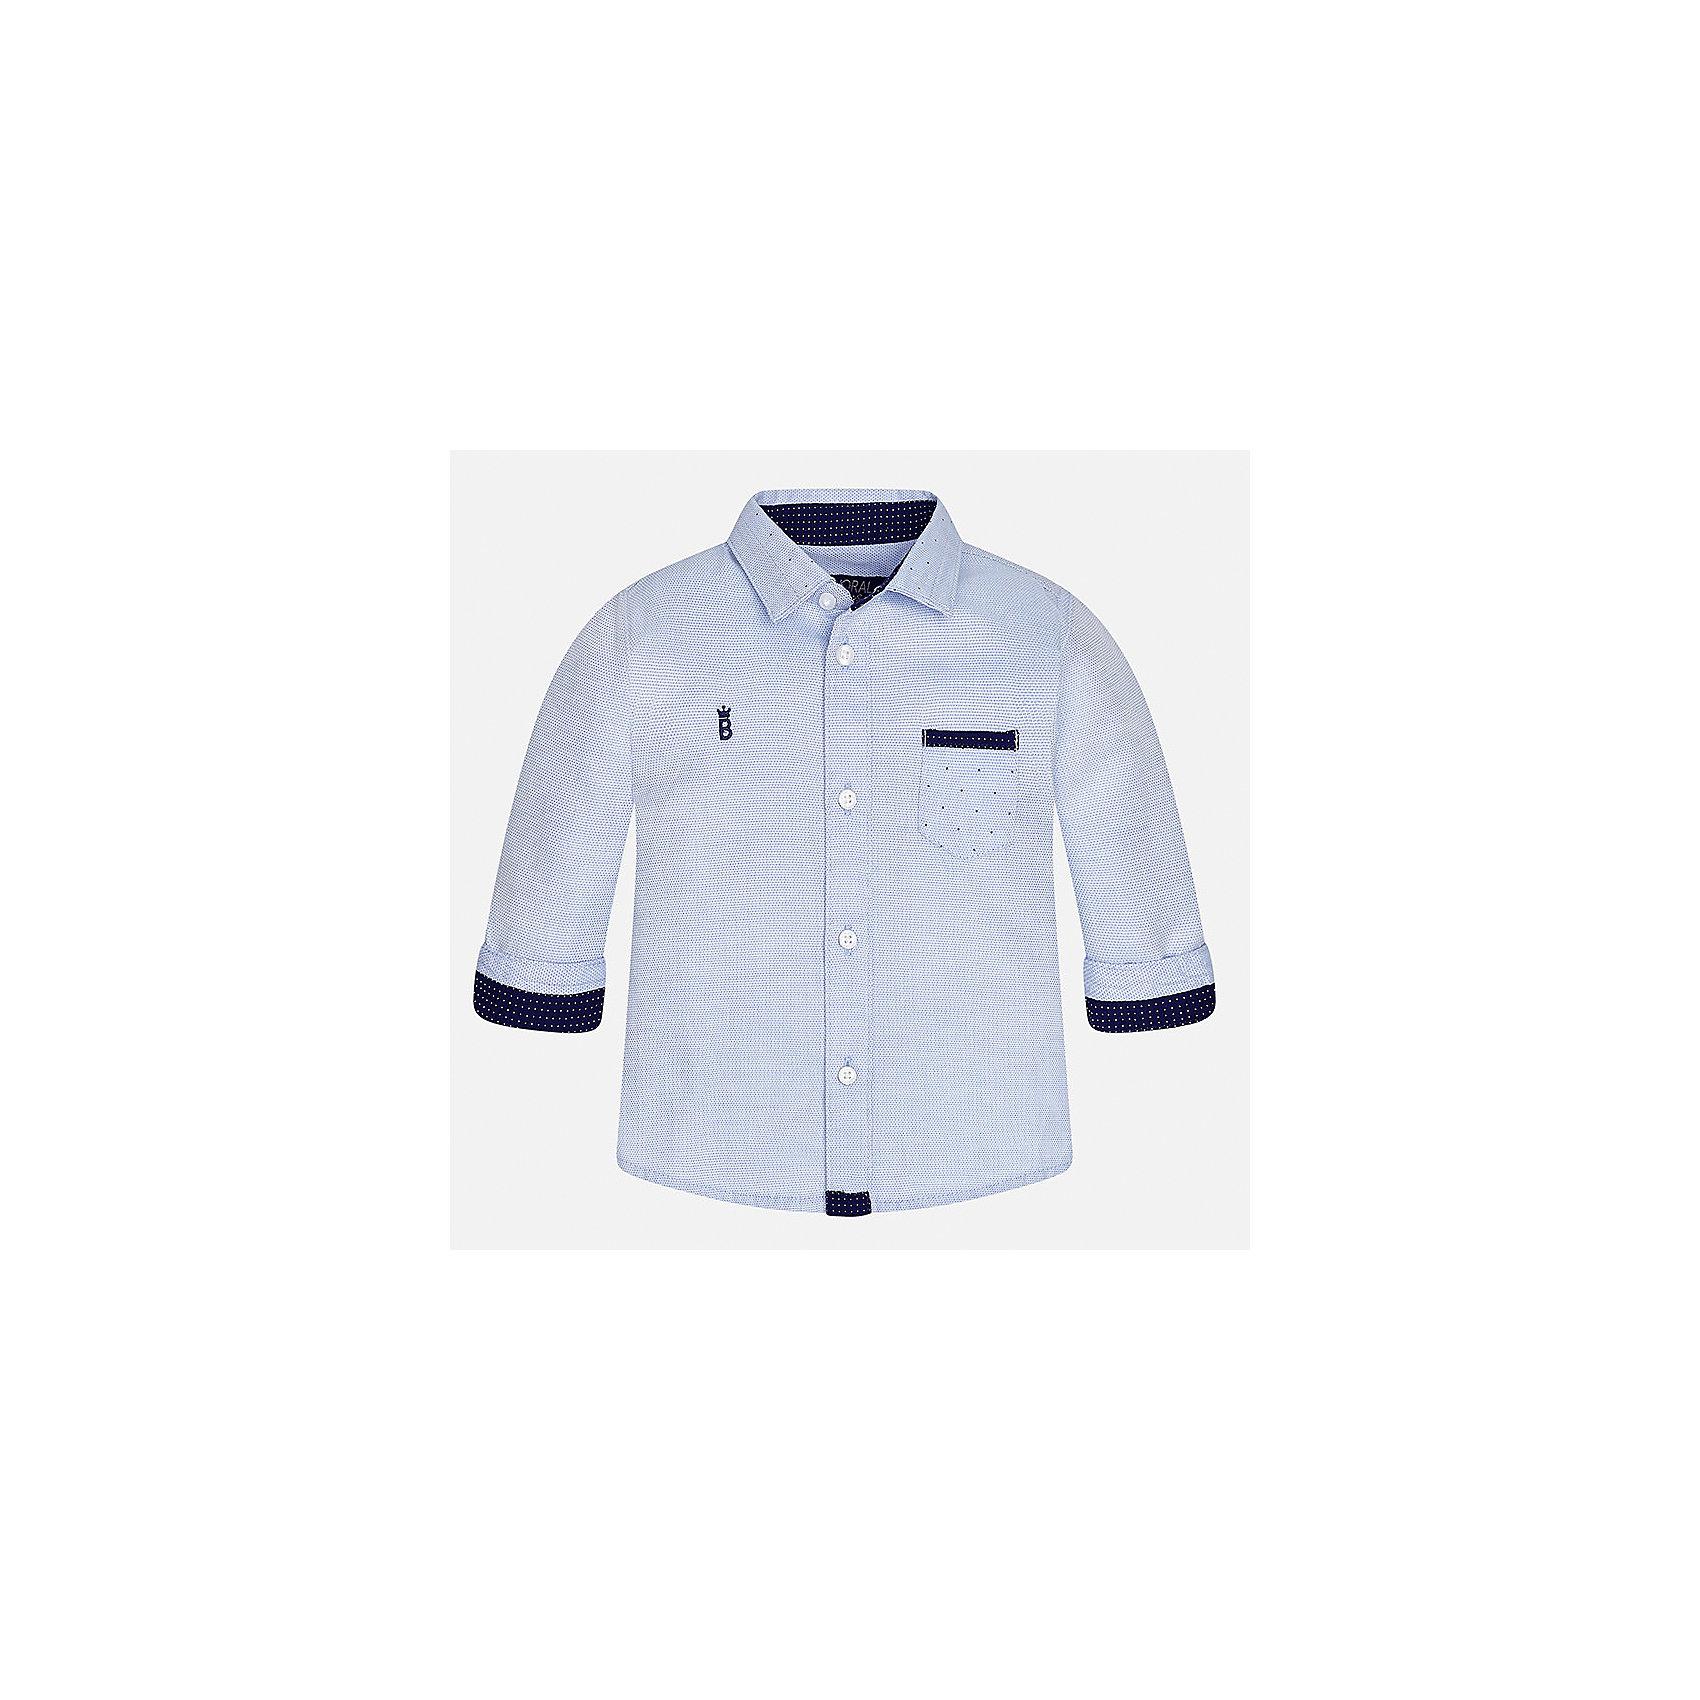 Рубашка для мальчика MayoralБлузки и рубашки<br>Характеристики товара:<br><br>• цвет: голубой<br>• состав ткани: 100% хлопок<br>• сезон: демисезон<br>• особенности модели: школьная<br>• застежка: пуговицы<br>• длинные рукава<br>• страна бренда: Испания<br>• страна изготовитель: Индия<br><br>Такая рубашка с длинным рукавом для мальчика от Майорал поможет обеспечить ребенку комфорт. Детская рубашка отличается стильным и продуманным дизайном. В рубашке для мальчика от испанской компании Майорал ребенок будет выглядеть модно, а чувствовать себя - комфортно. <br><br>Рубашку для мальчика Mayoral (Майорал) можно купить в нашем интернет-магазине.<br><br>Ширина мм: 174<br>Глубина мм: 10<br>Высота мм: 169<br>Вес г: 157<br>Цвет: голубой<br>Возраст от месяцев: 24<br>Возраст до месяцев: 36<br>Пол: Мужской<br>Возраст: Детский<br>Размер: 98,80,86,92<br>SKU: 6935065